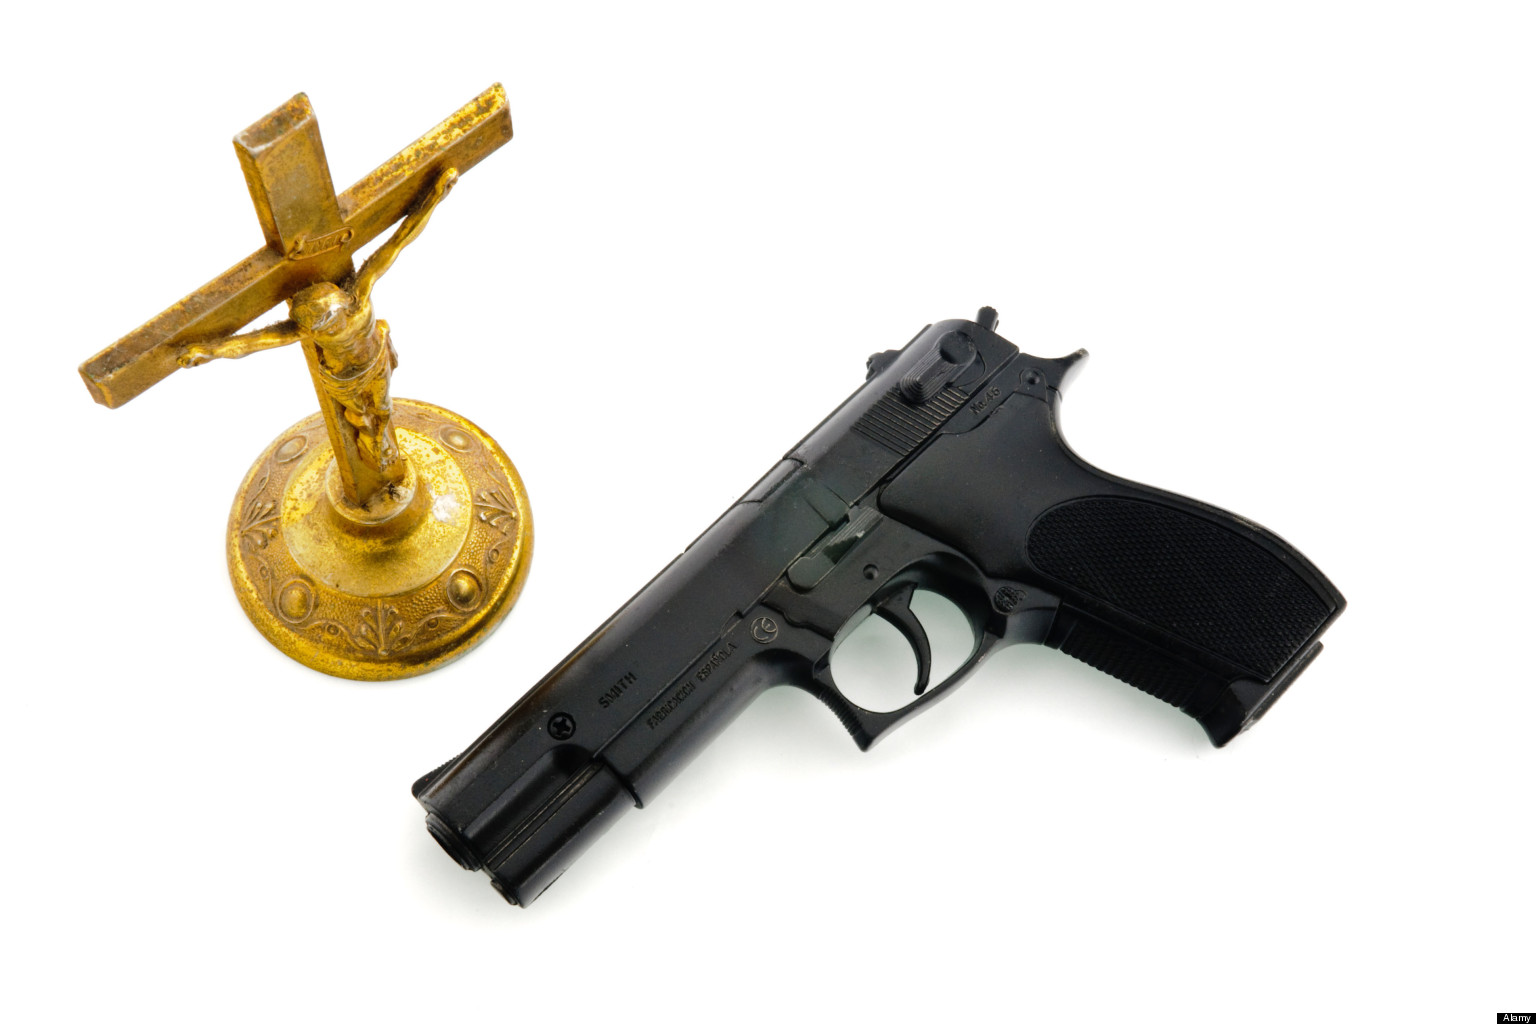 [Image: o-GUN-CONTROL-RELIGION-facebook.jpg]